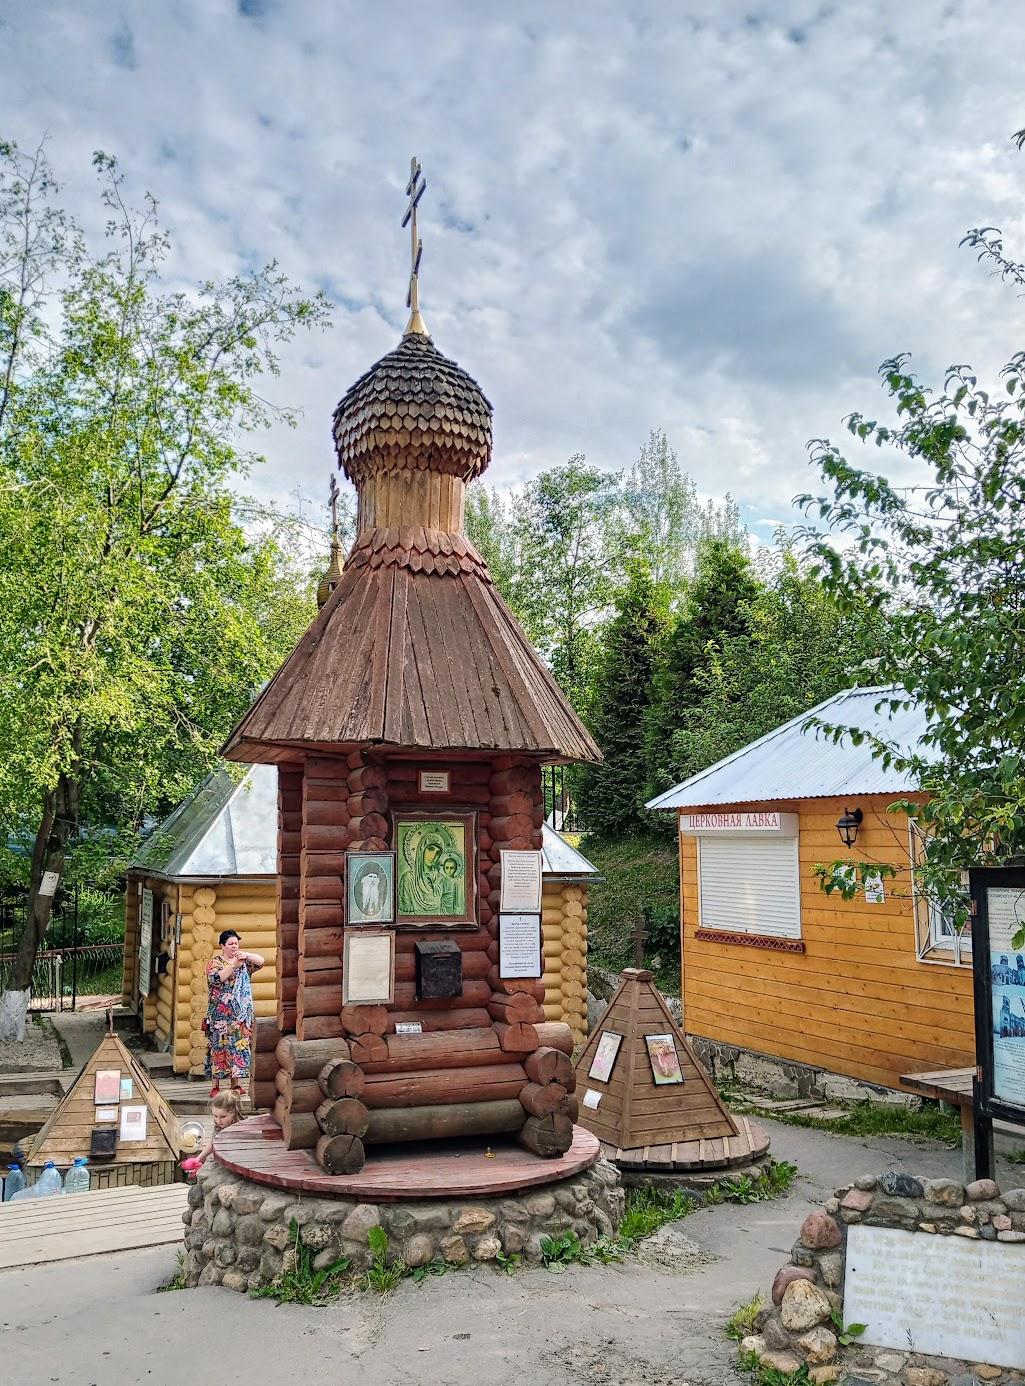 Святая вода льется из труб, источник оборудован как маленький домик.